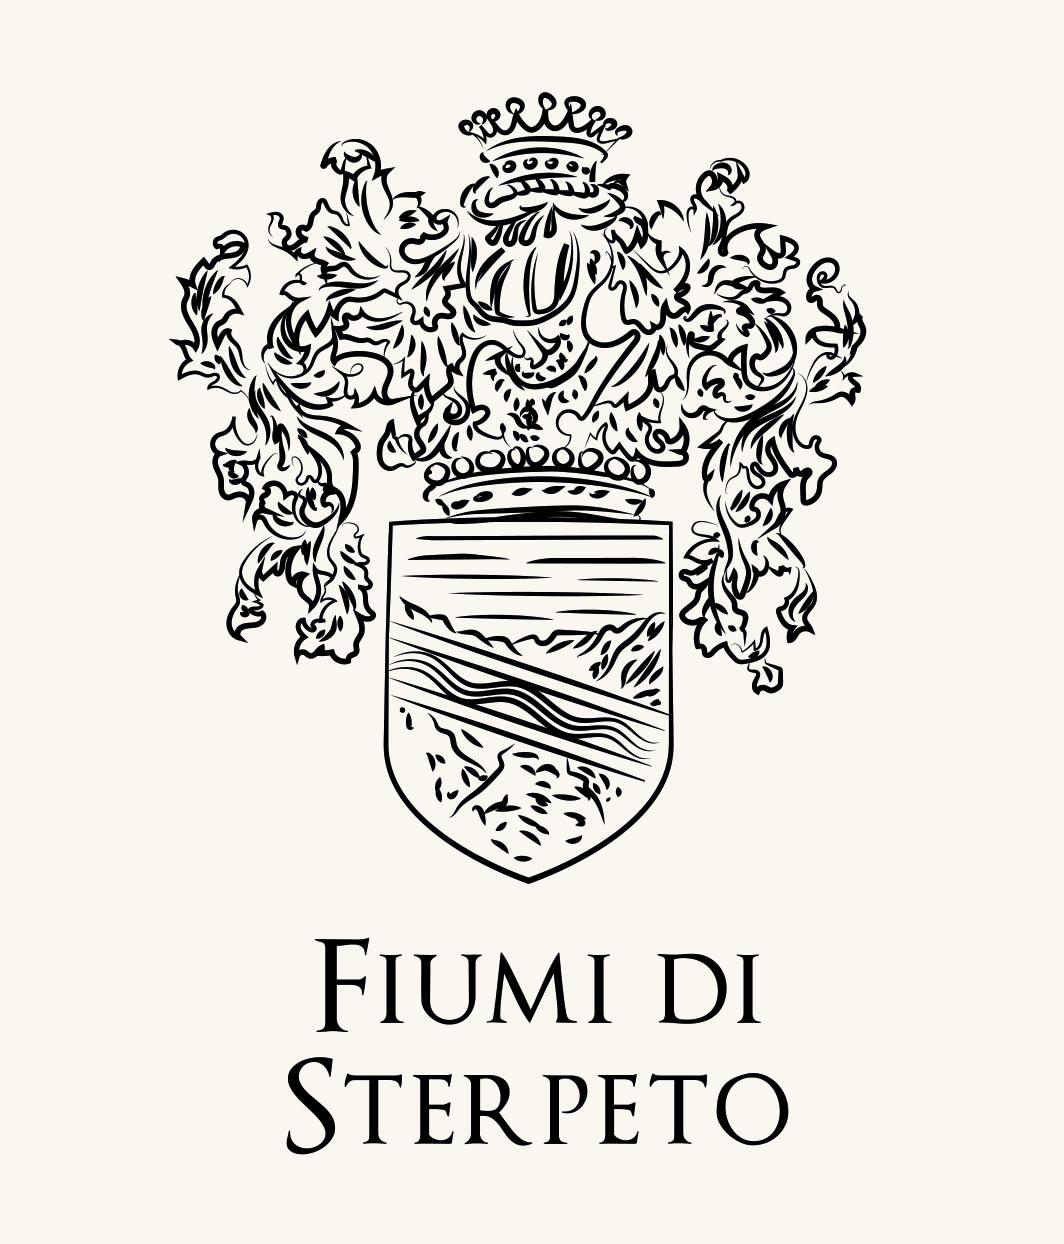 Stemma di famiglia dei Fiumi di Sterpeto, nobile famiglia Umbra